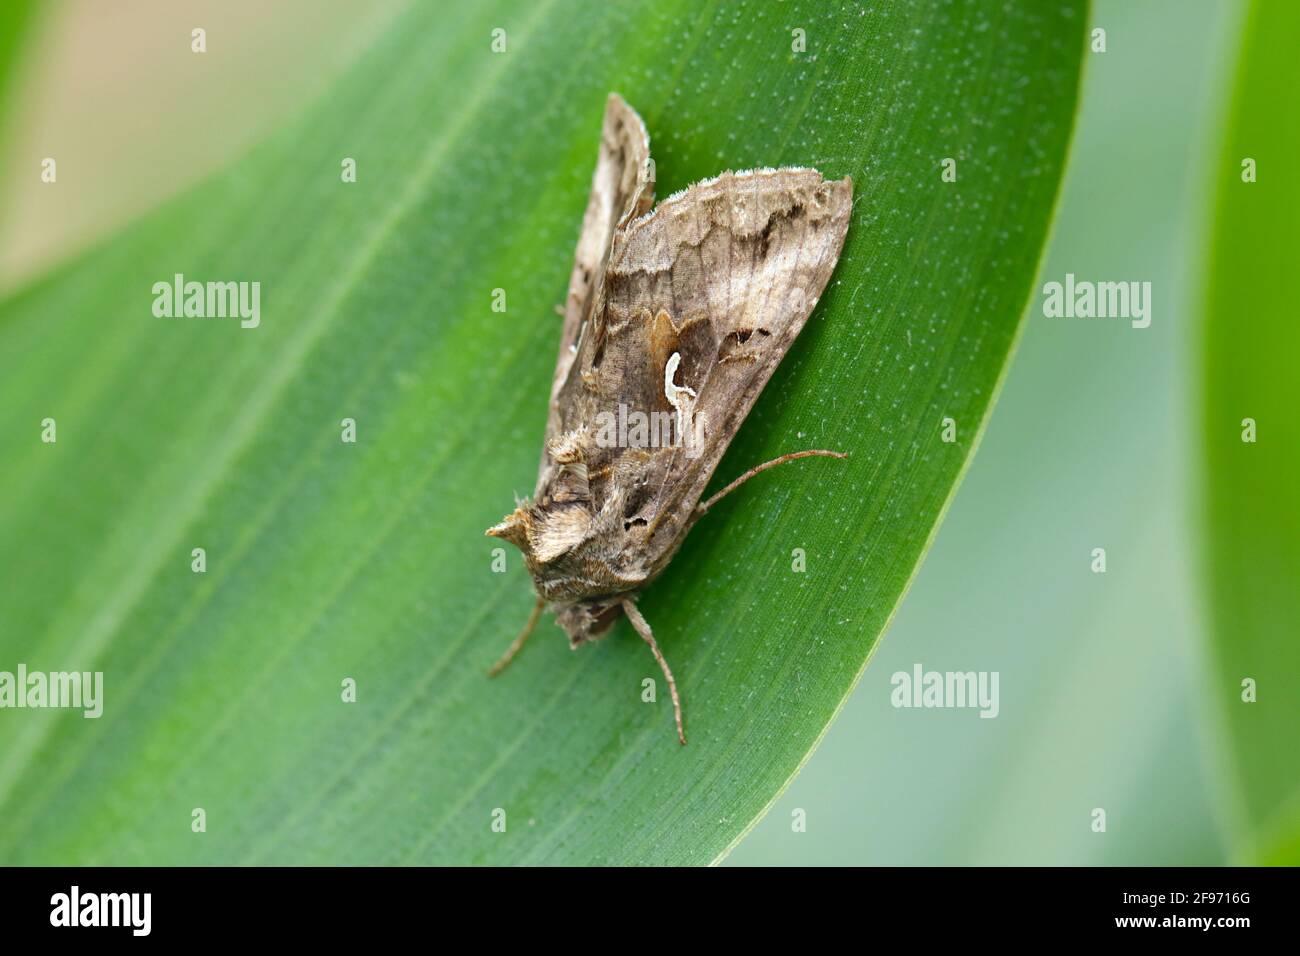 La Gata de la Plata (Autographa gamma) es una especie de polilla migratoria perteneciente a la familia Noctuidae. Las orugas de estas polillas de lechones son plagas de más de 200 plantas. Foto de stock